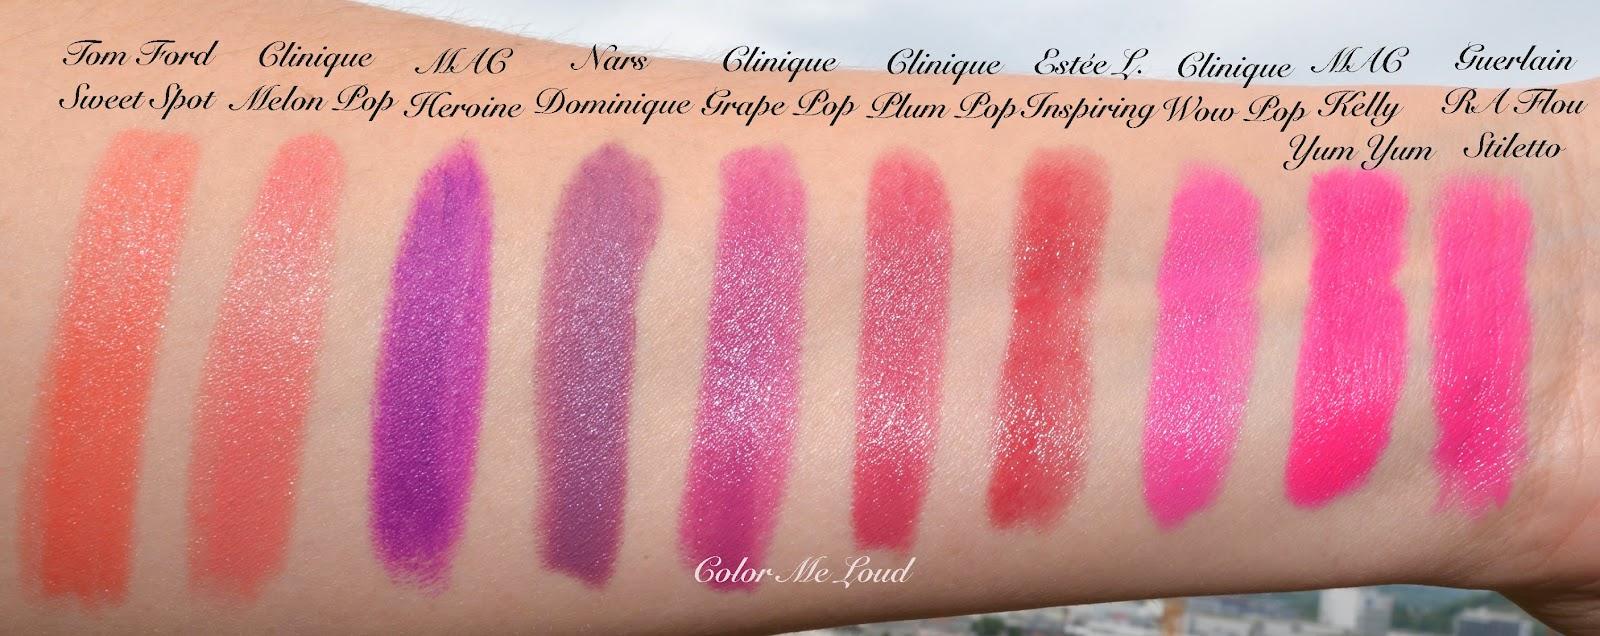 Lip Colour + Primer by Clinique #6